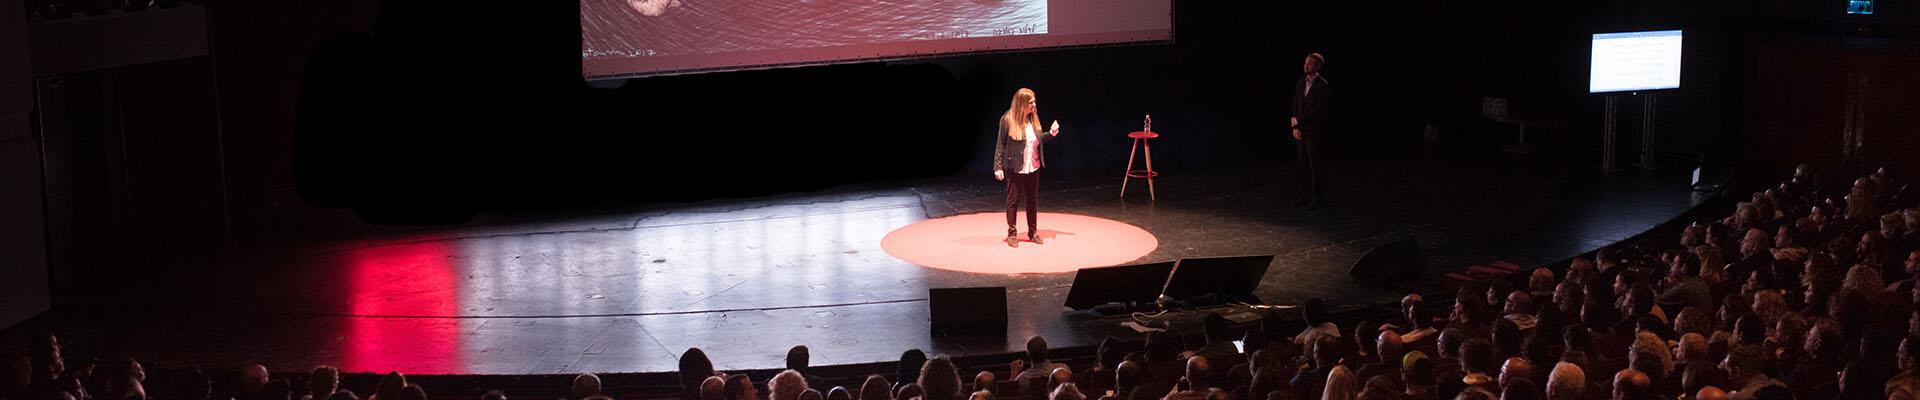 הרצאות שנותנות מוטיבציה והשראה